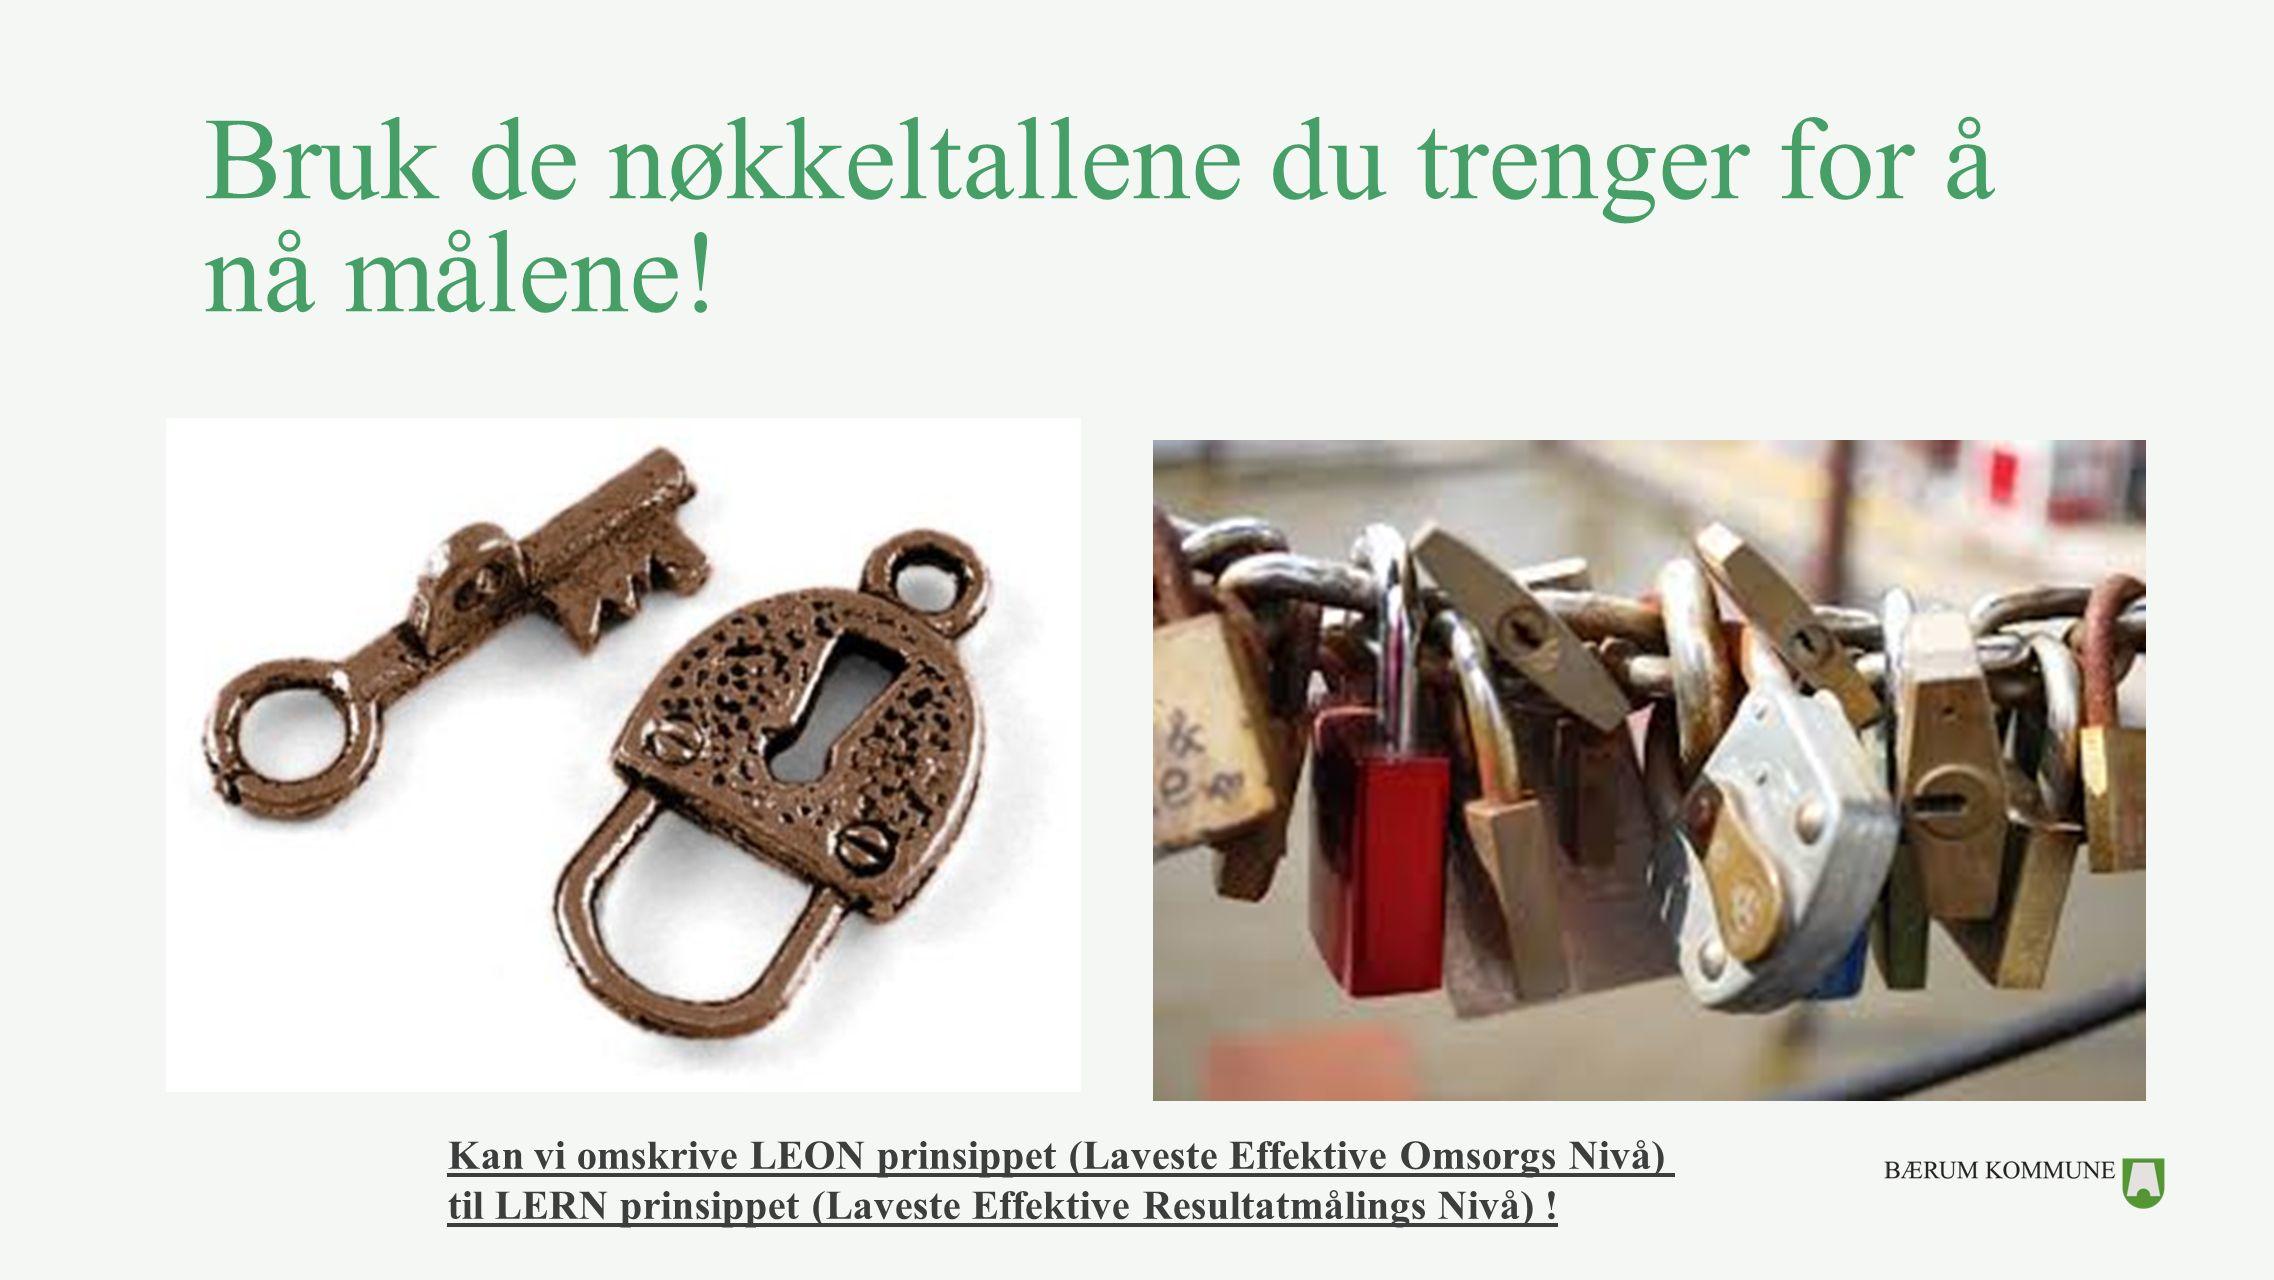 Bruk de nøkkeltallene du trenger for å nå målene! Kan vi omskrive LEON prinsippet (Laveste Effektive Omsorgs Nivå) til LERN prinsippet (Laveste Effekt